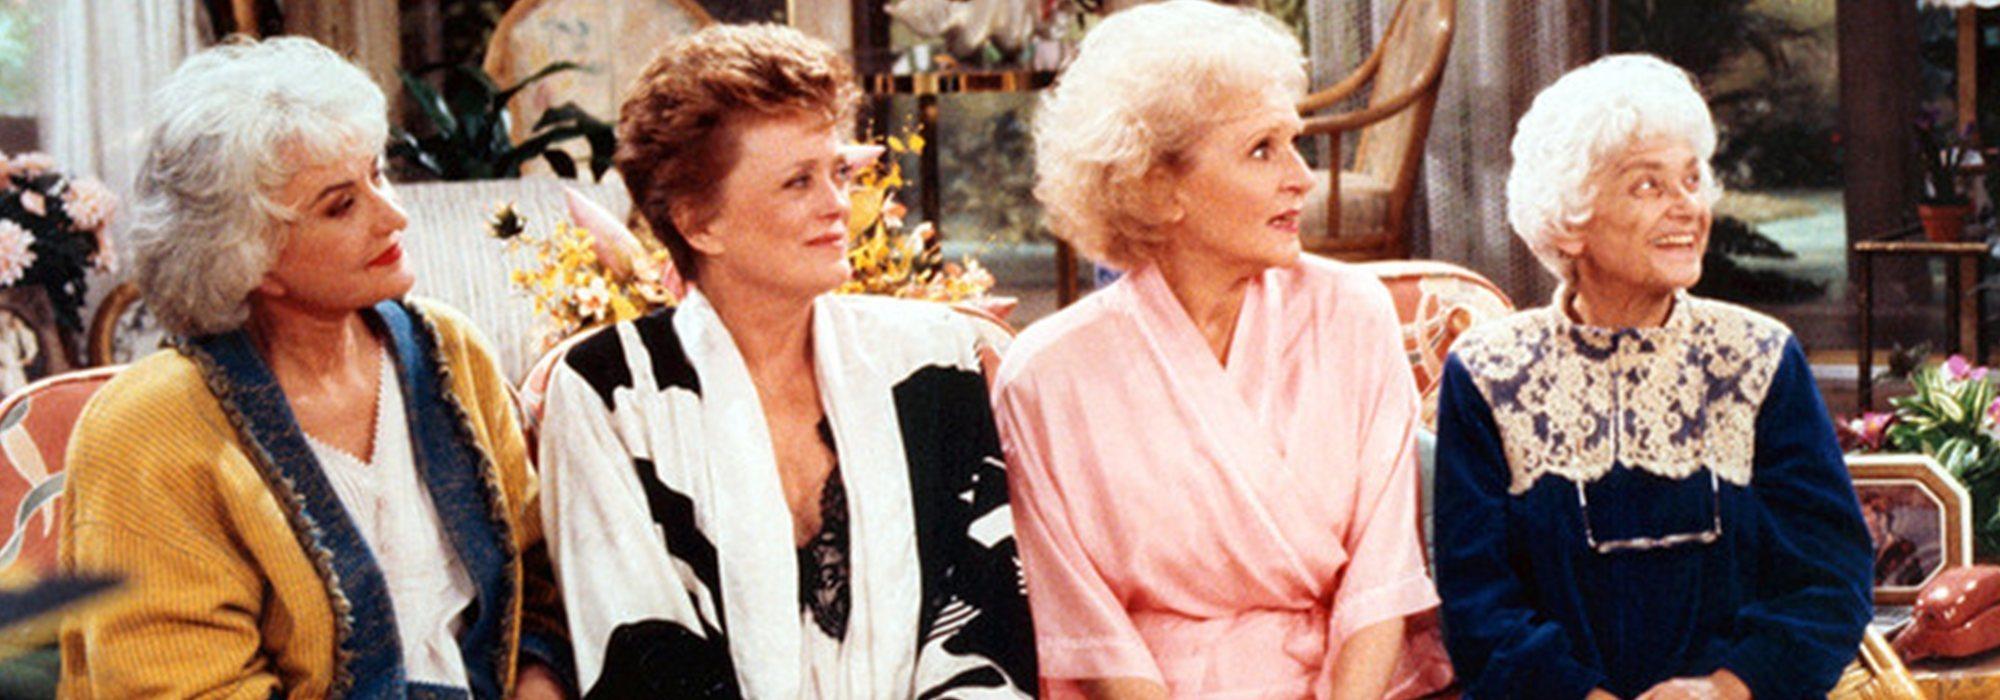 La trayectoria televisiva de 'Las chicas de oro' originales